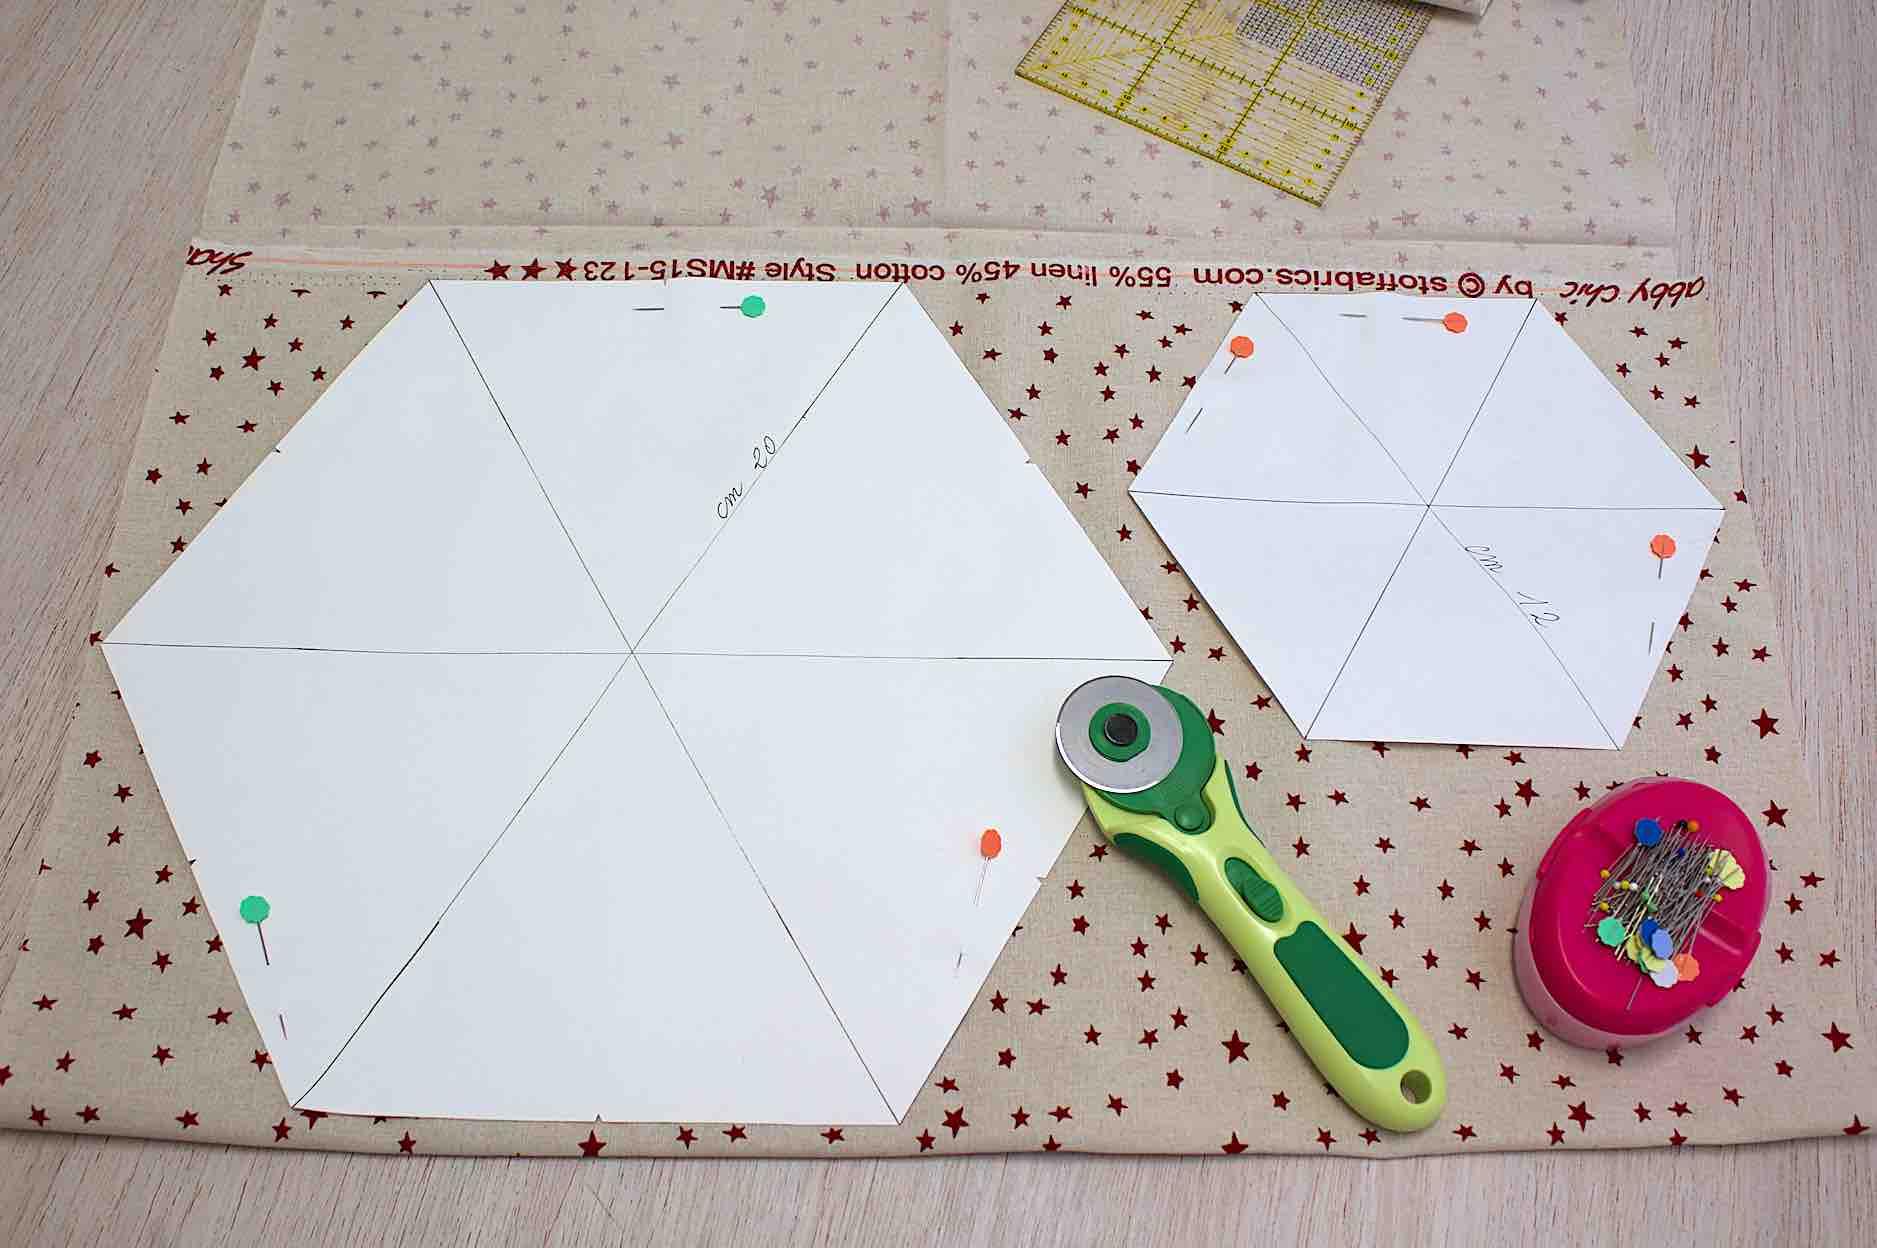 ritagliare 2 parti per ciascun cartamodello